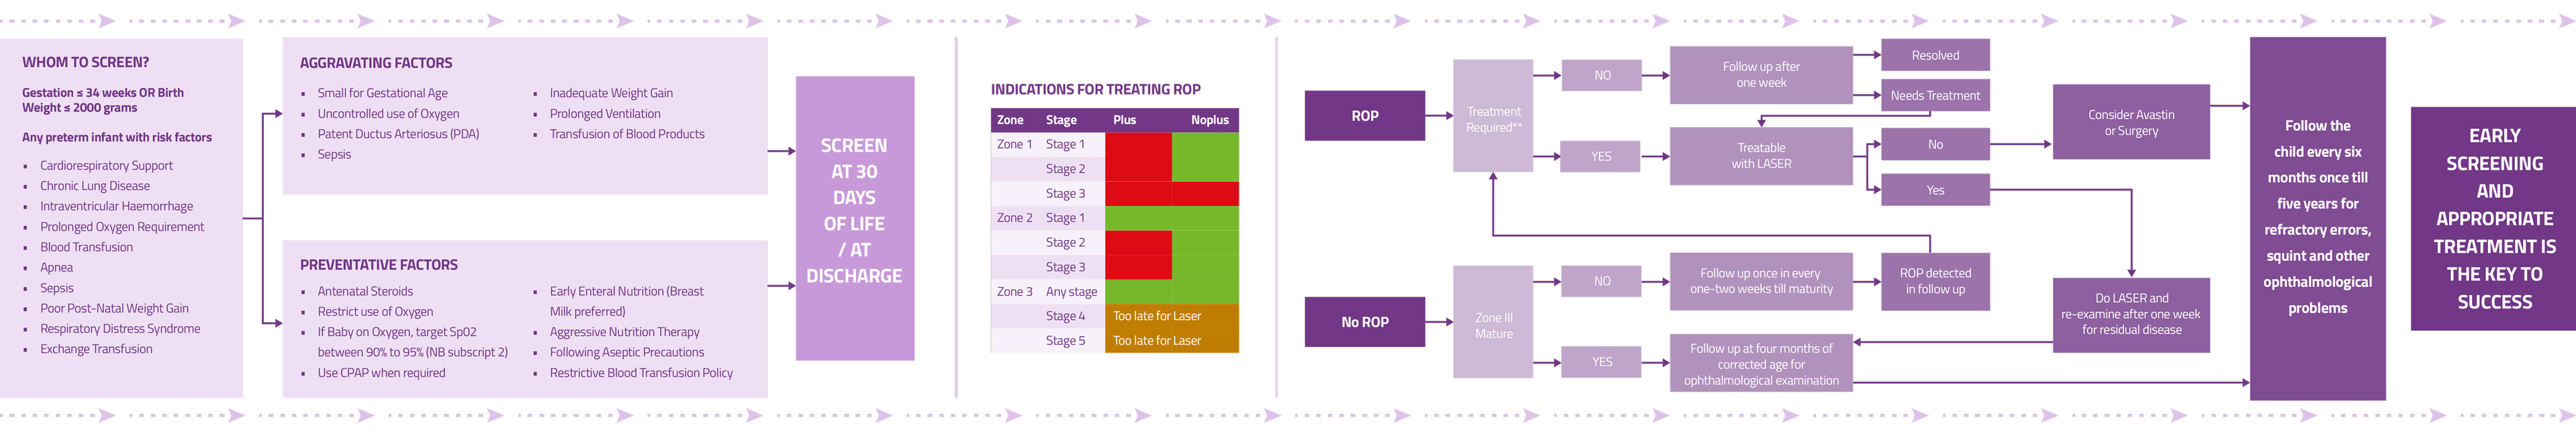 ROP3j-flow-chart